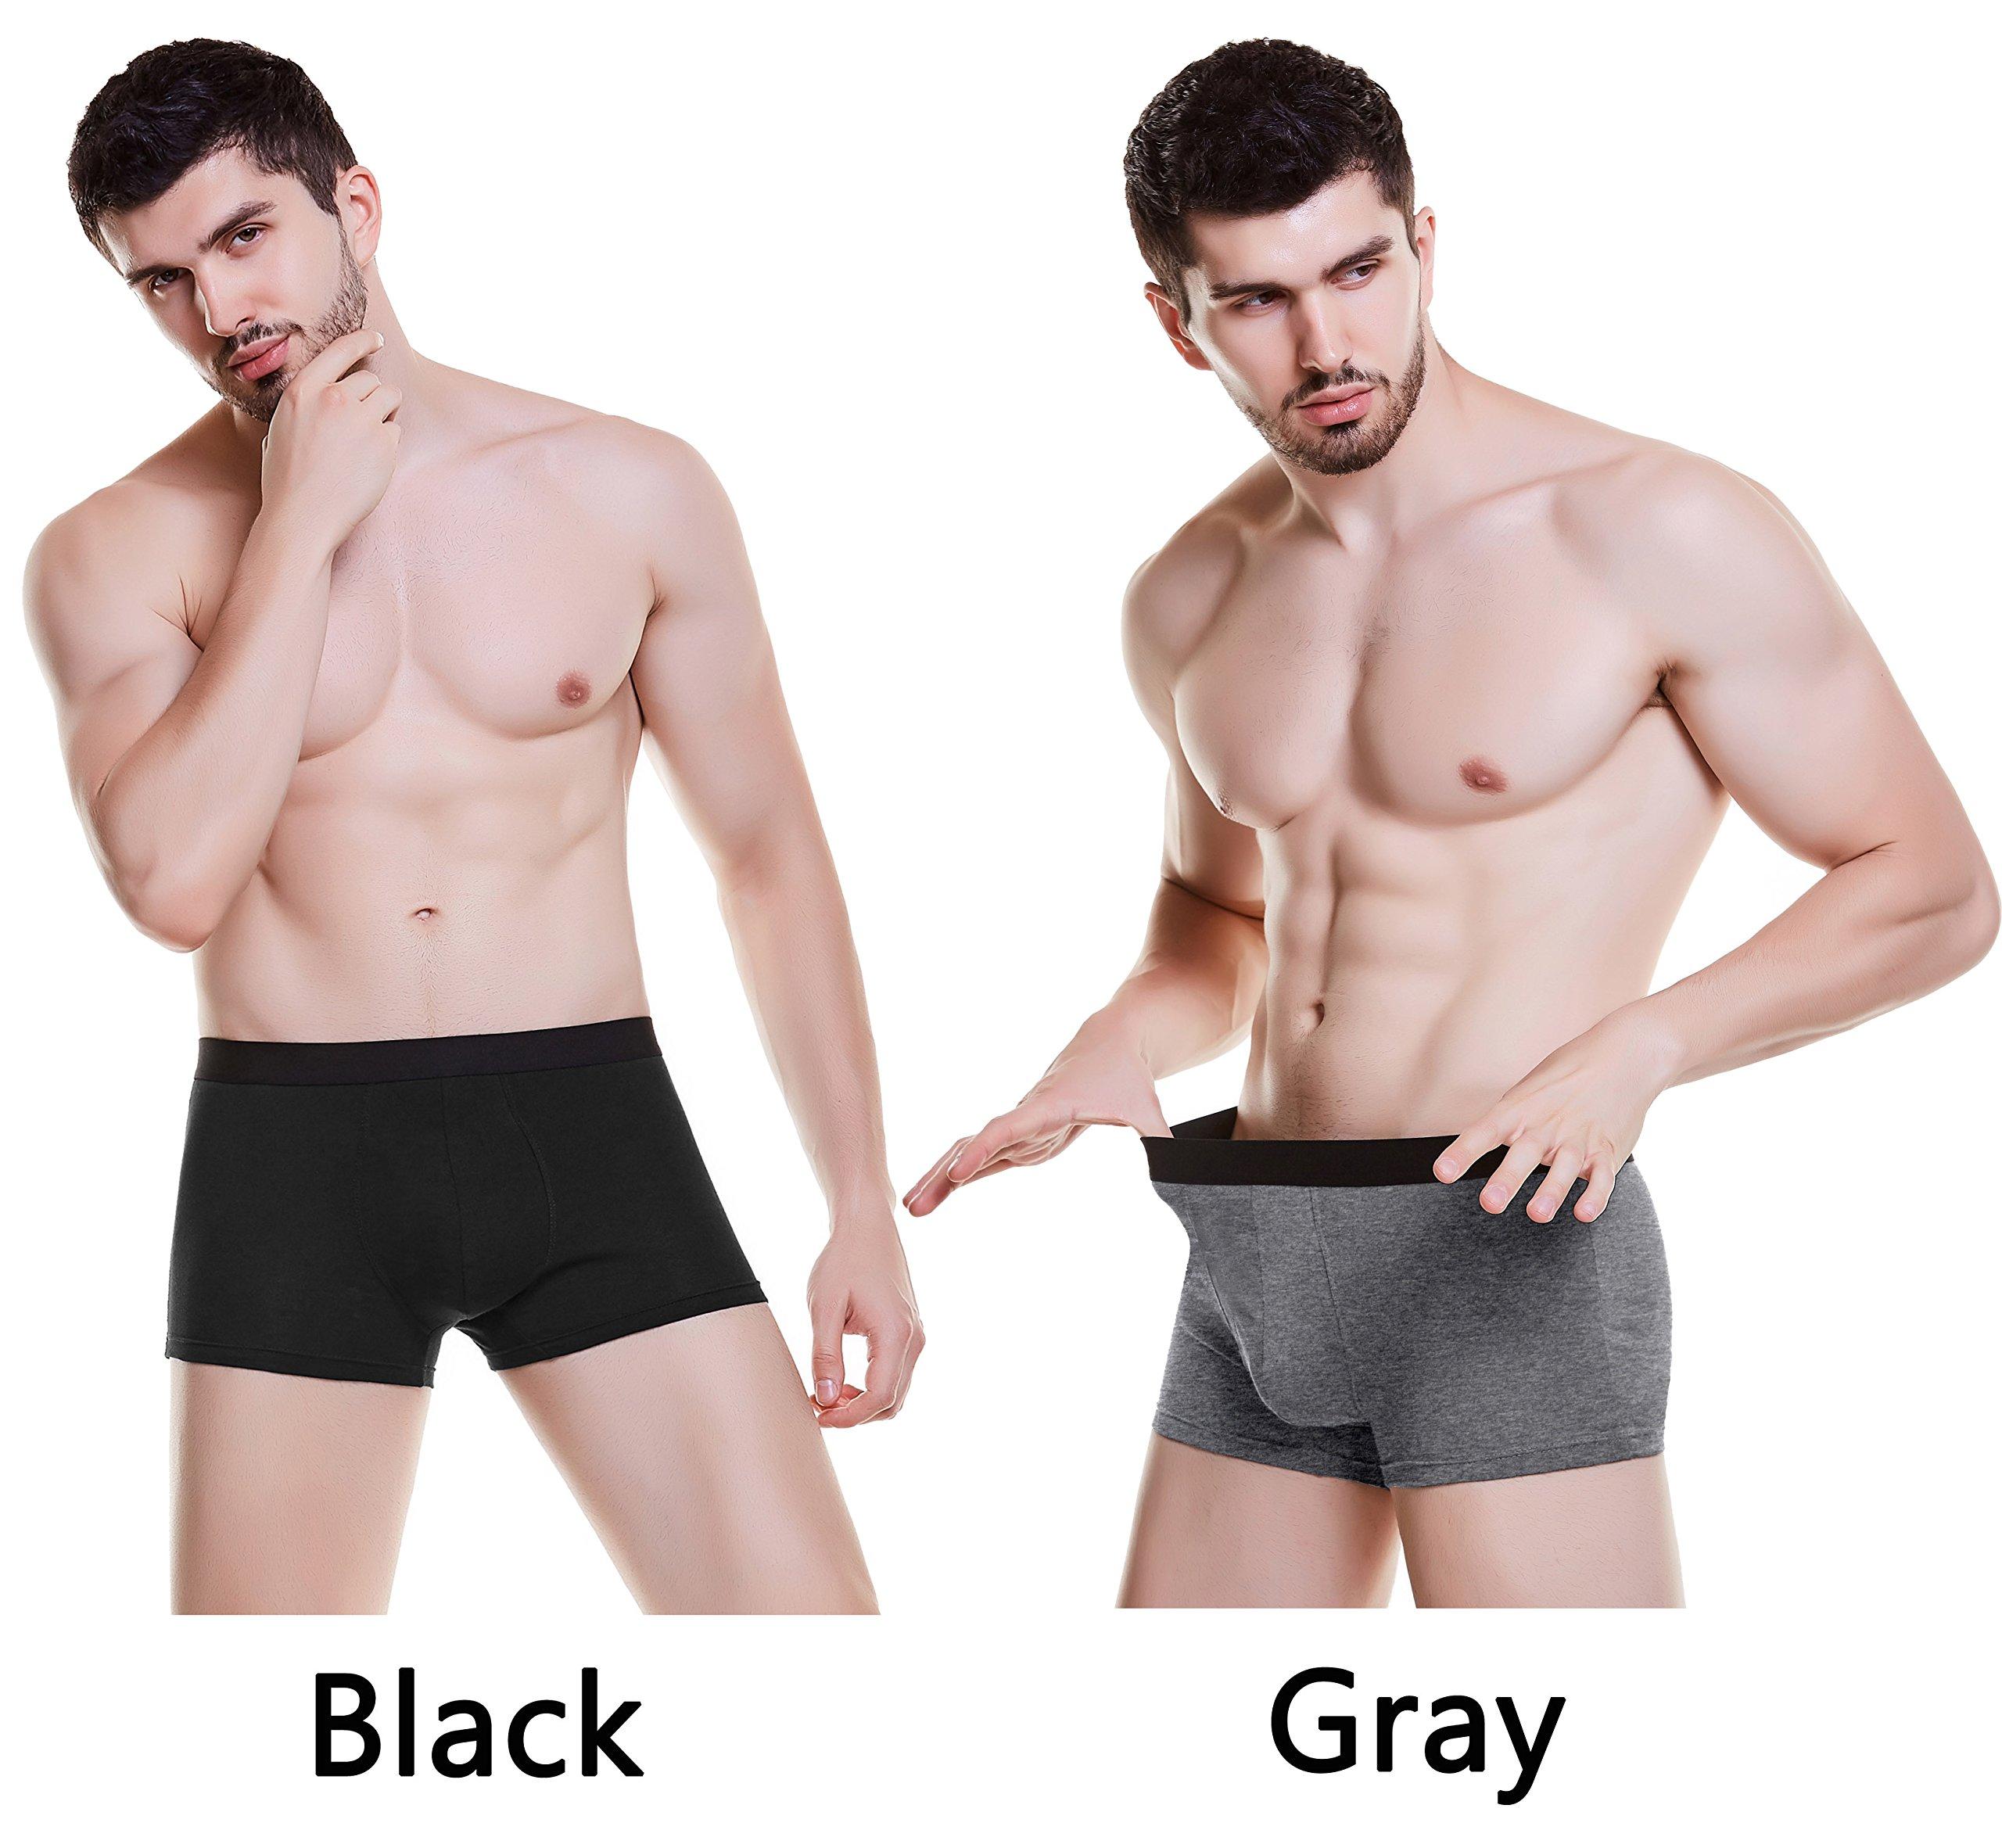 ASERLIN Men\'s 2-Pack Boxer Briefs Underwear Men\'s Pure Cotton U Convex Underwear 1BK1GY-M